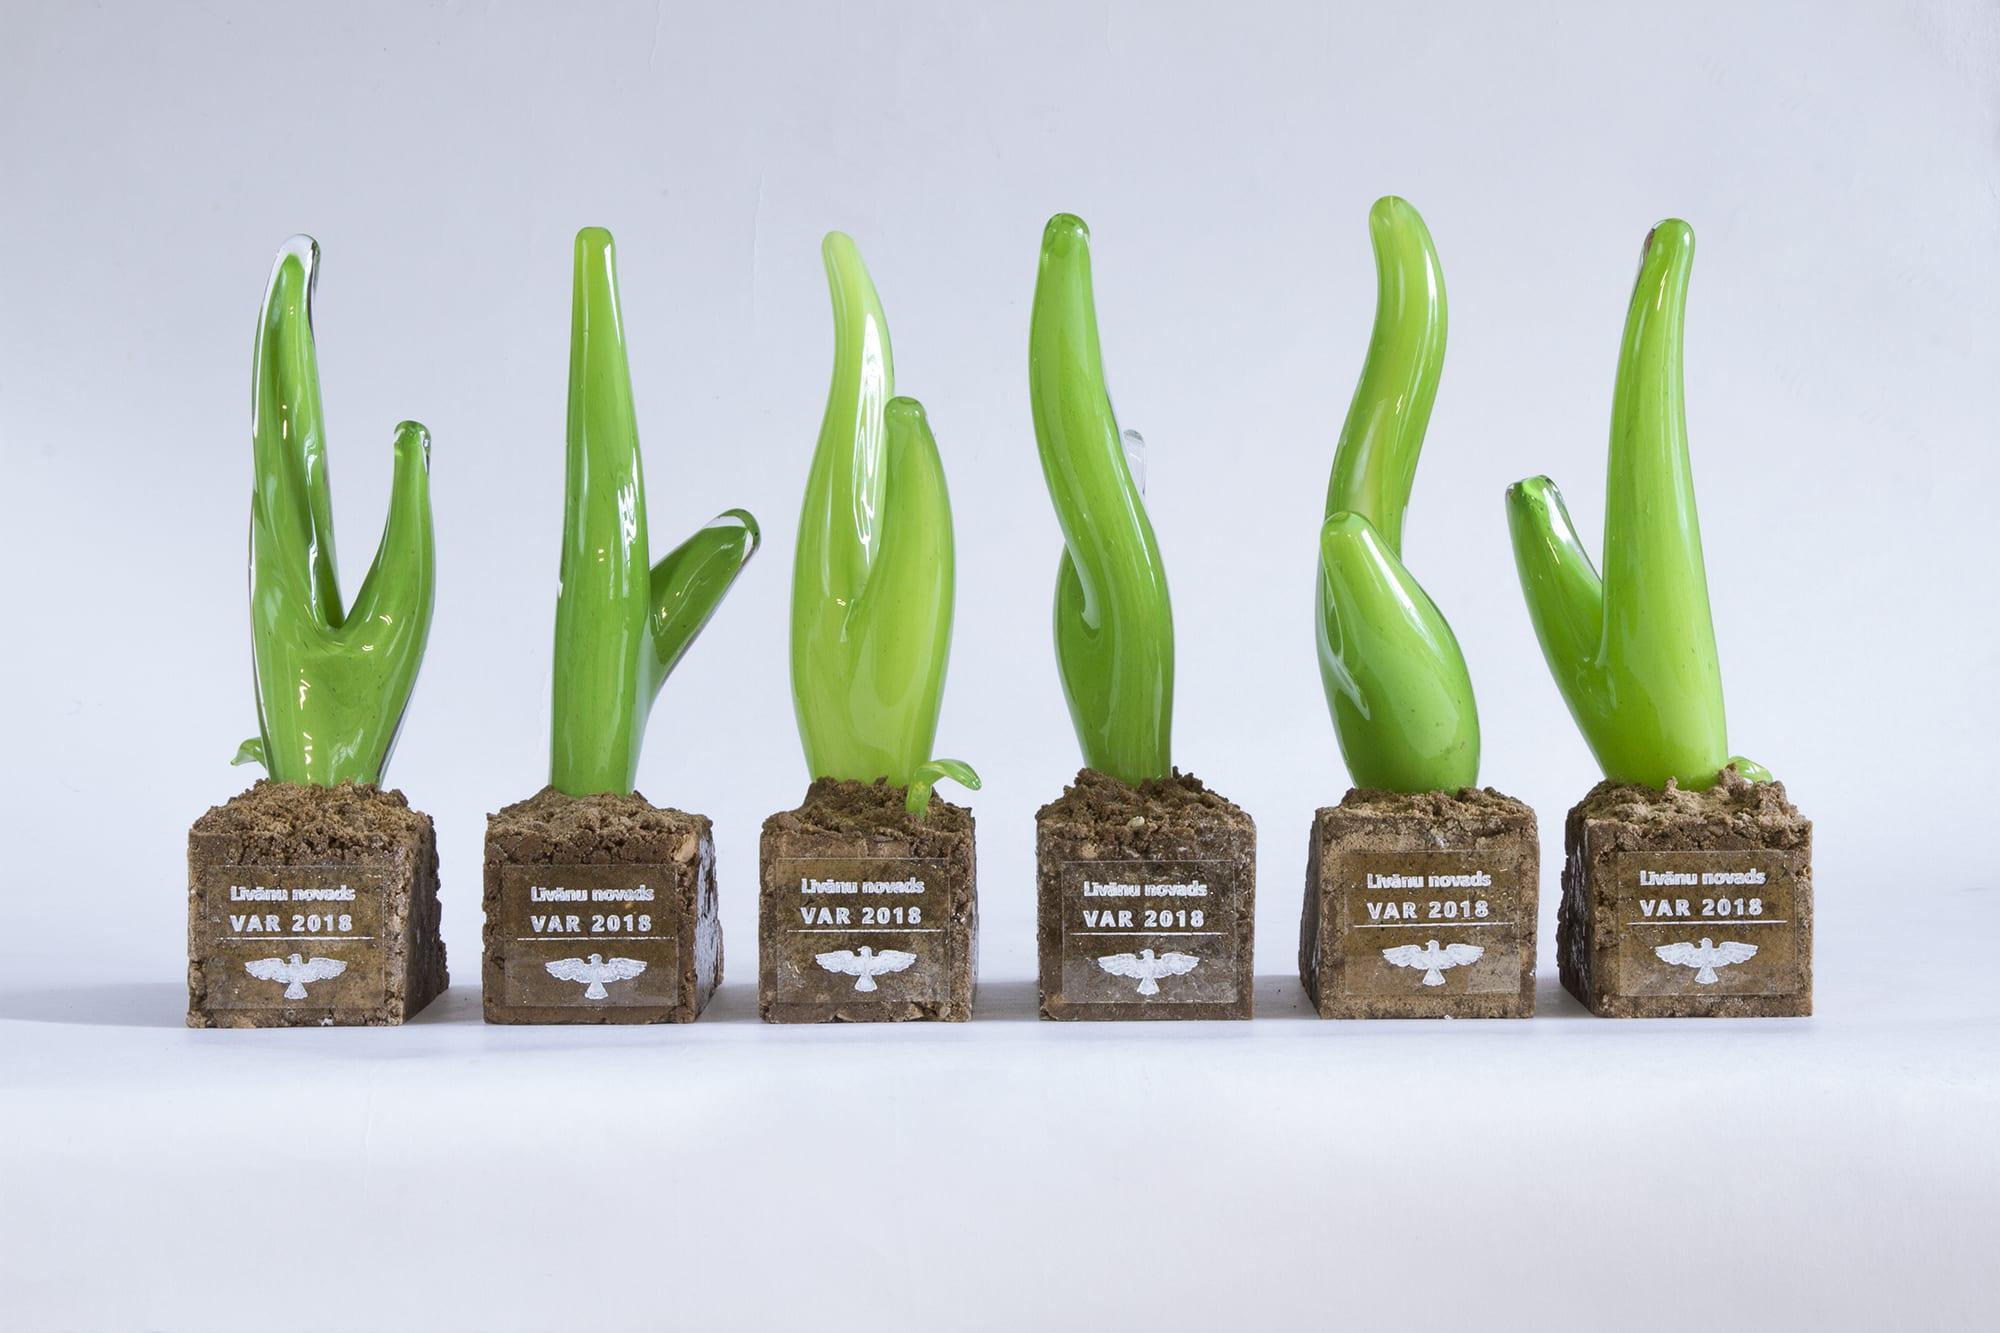 Награды и кубки из стекла. Стекольная премия Ливанского района. Glass Point